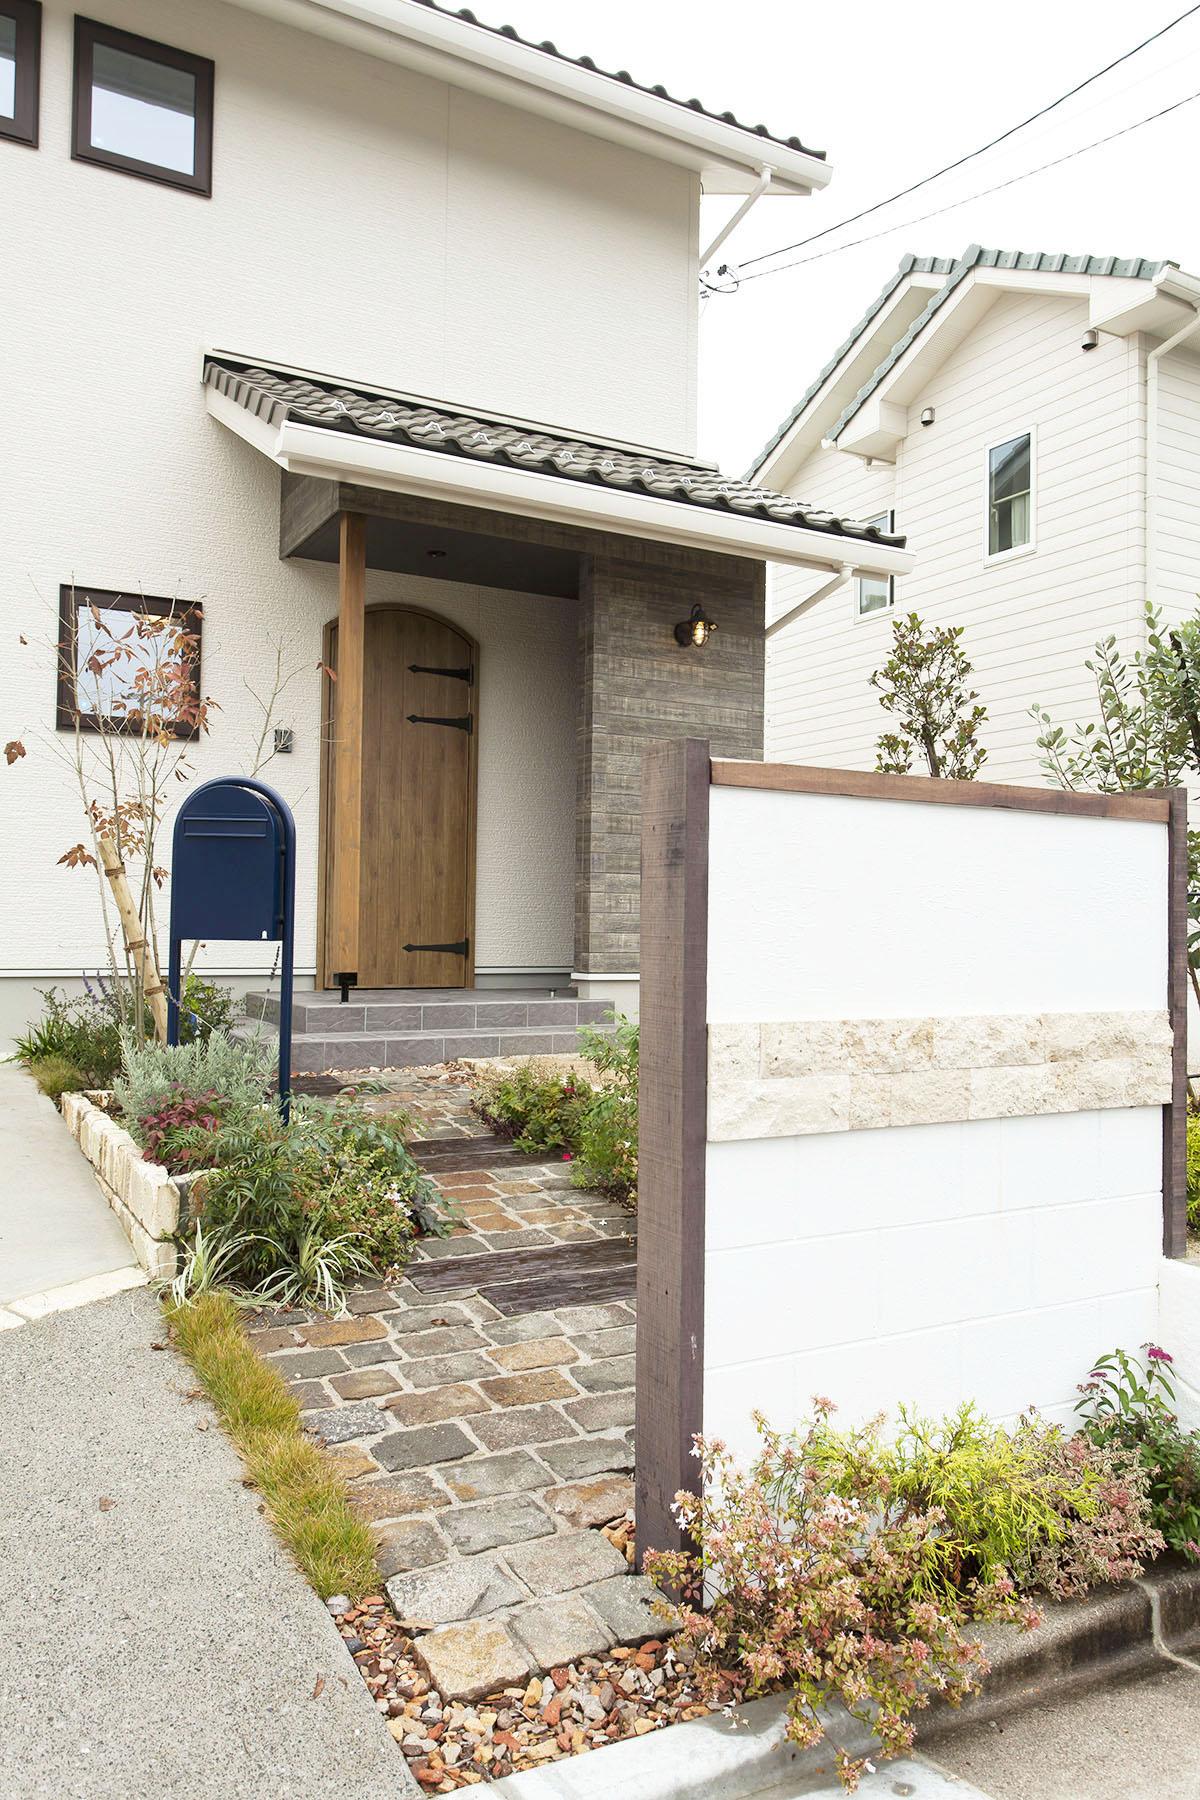 玄関までのアプローチはご主人がイラストを描き、デザインしたそう。脇を固めるクレイチップが個性的です。